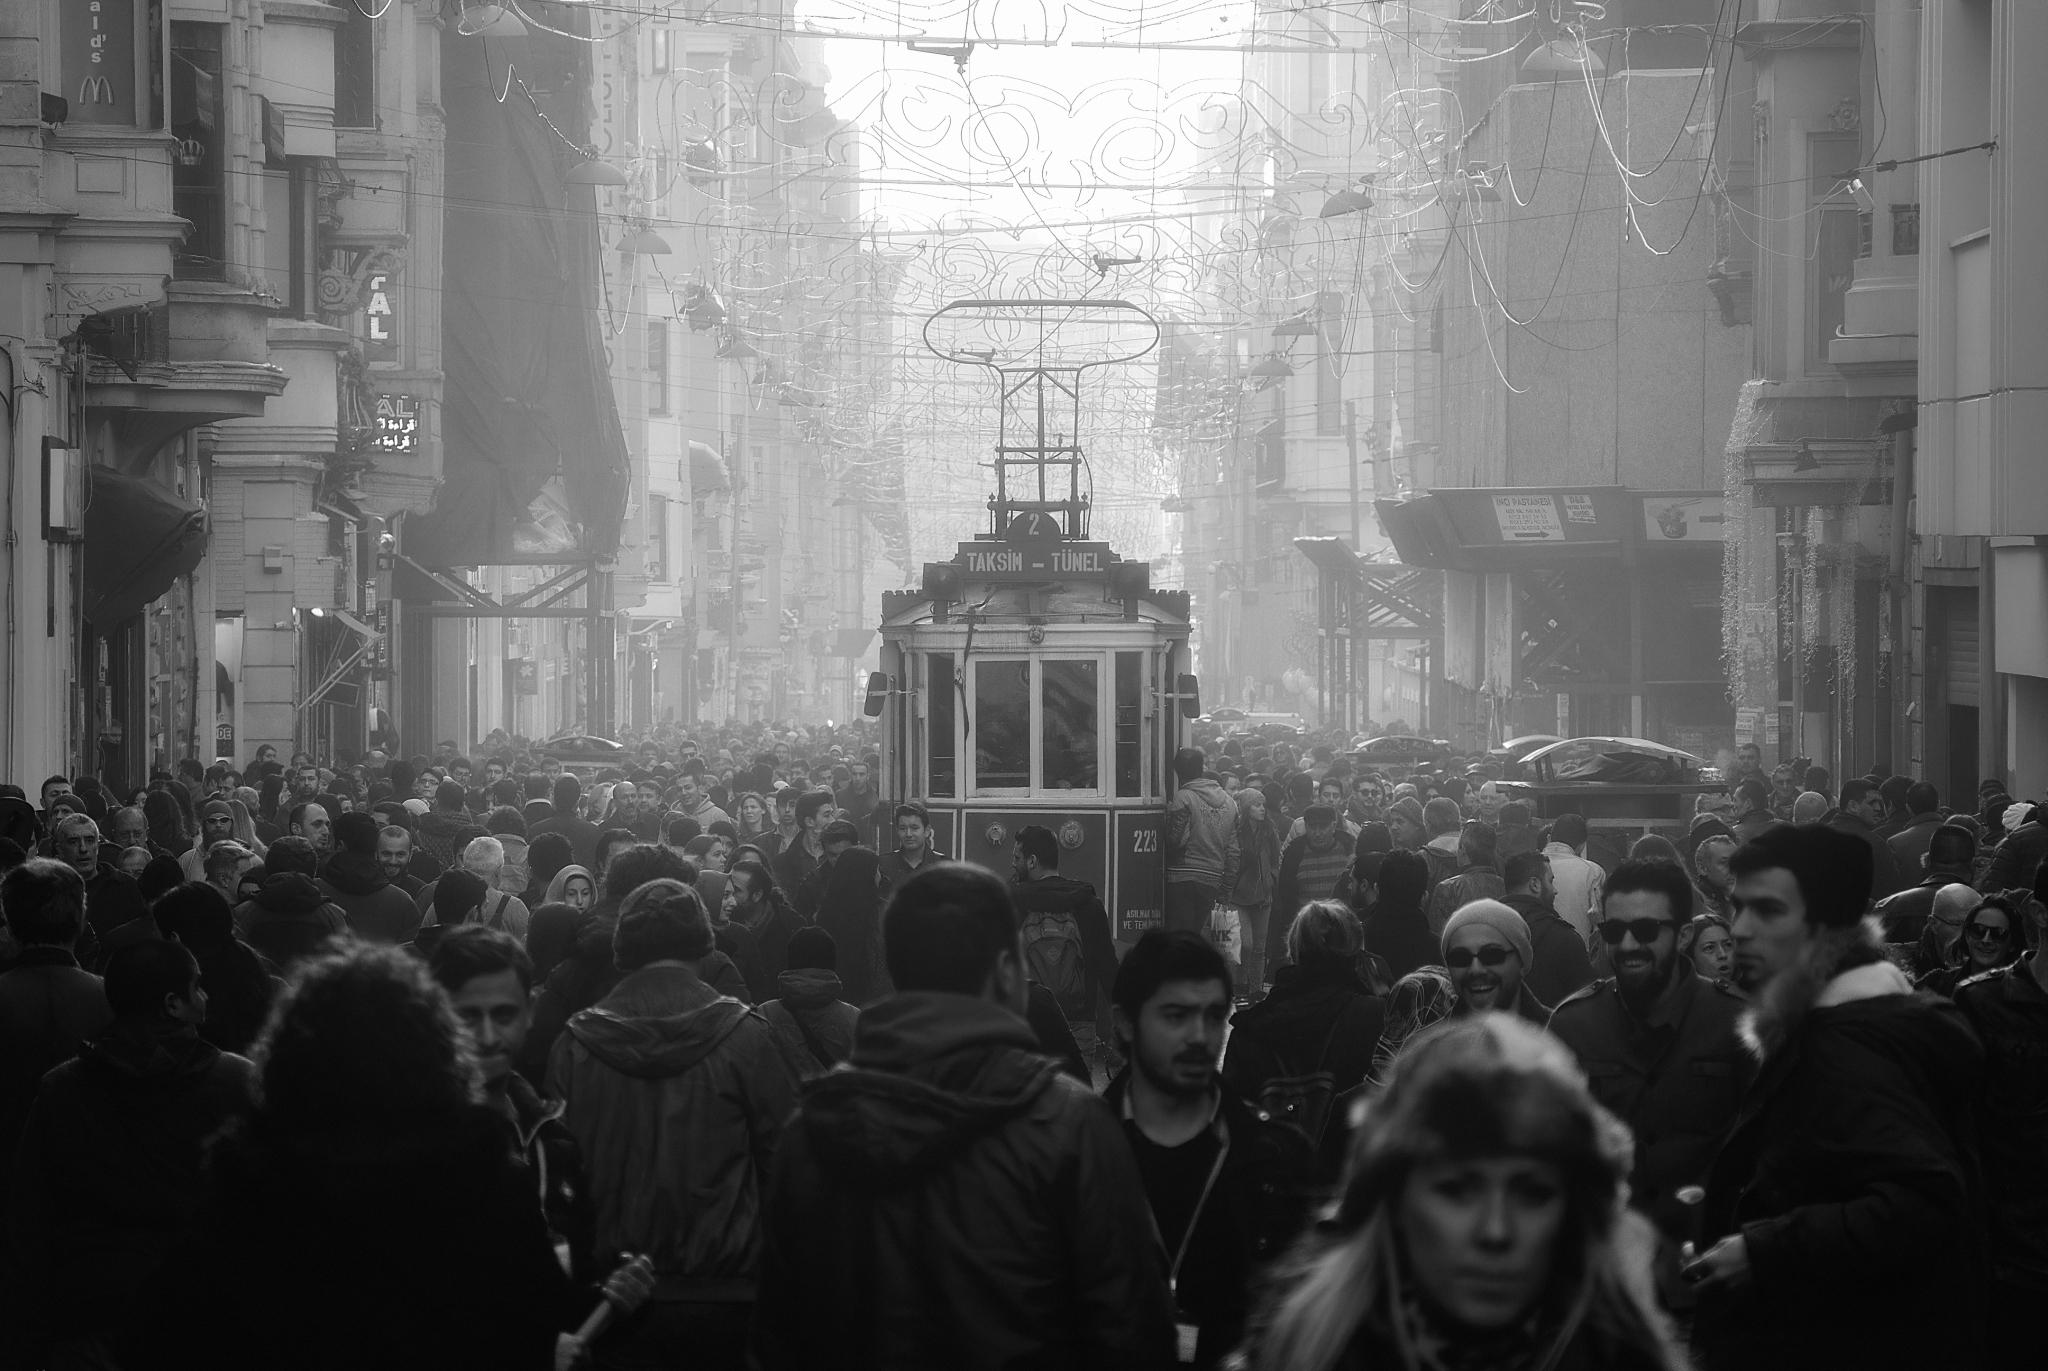 Taxim Street